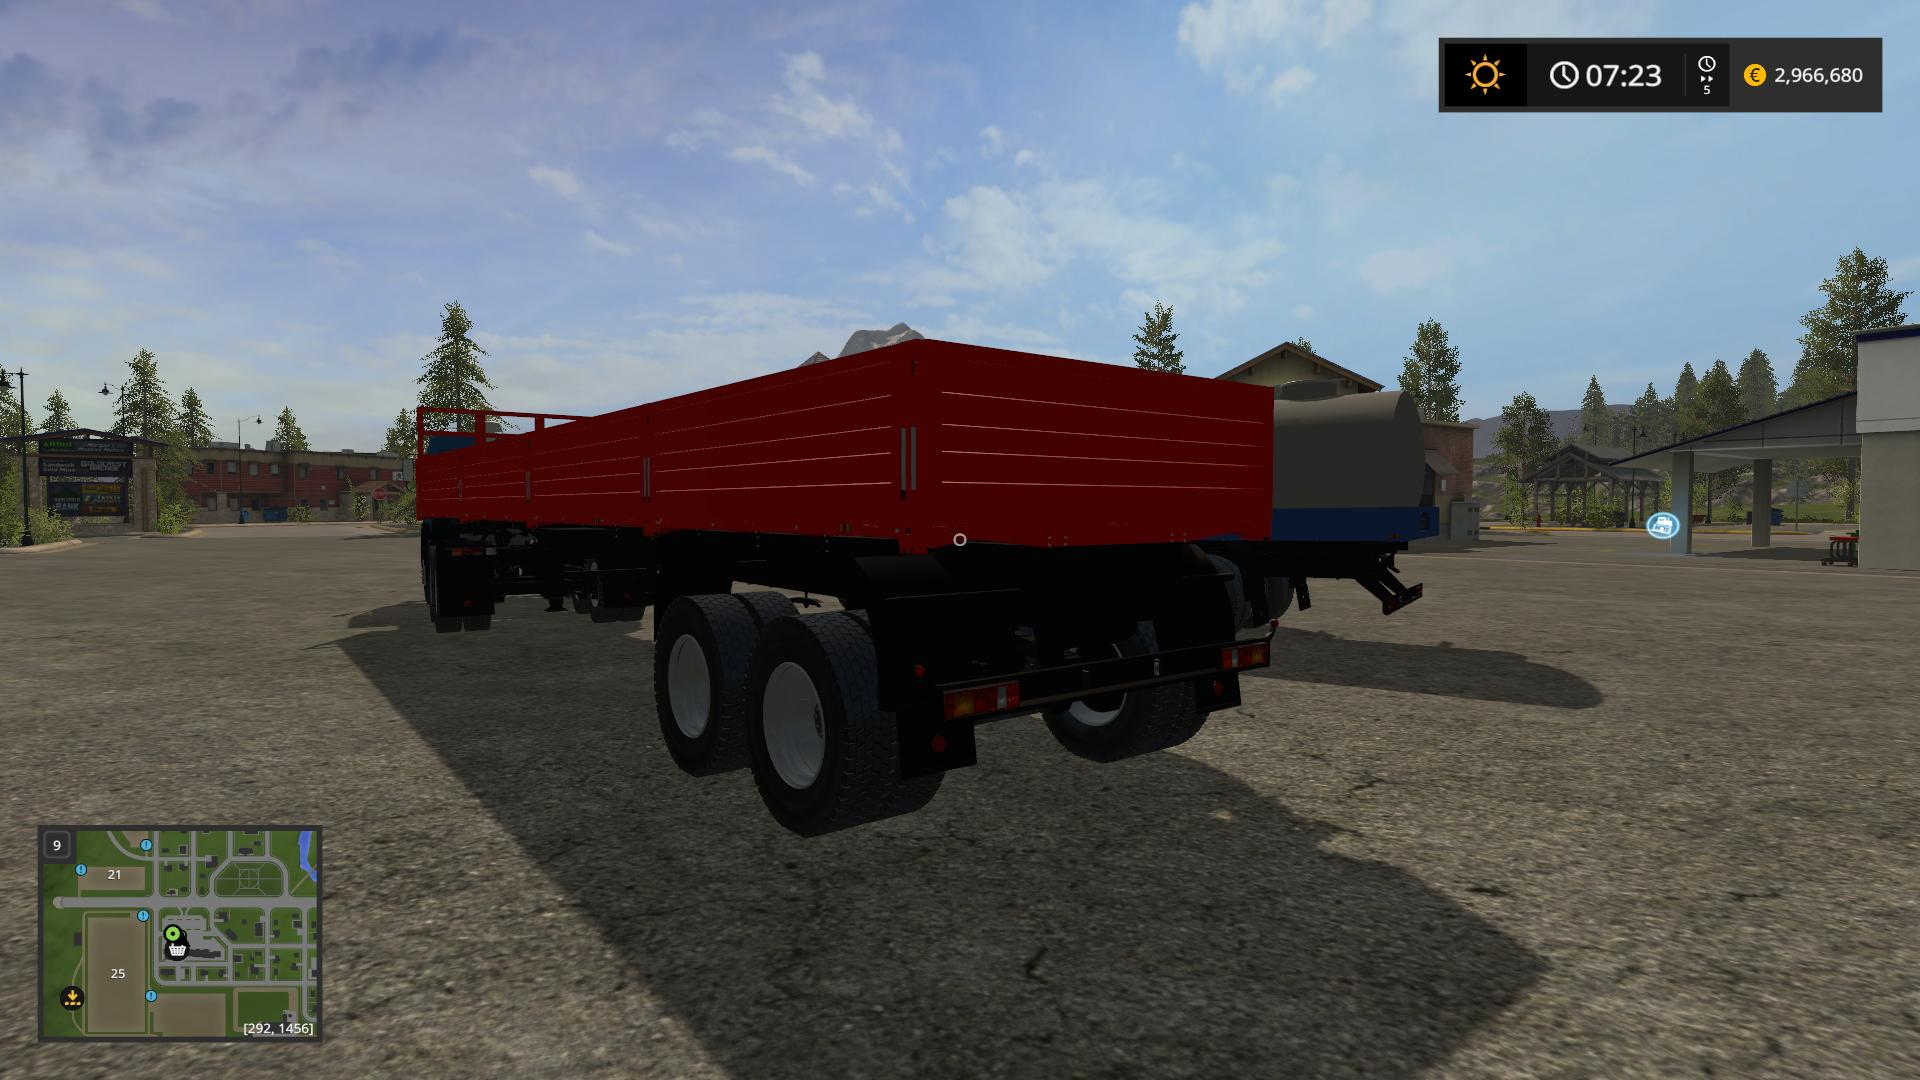 Kamaz Truck Pack v1.8.0.0